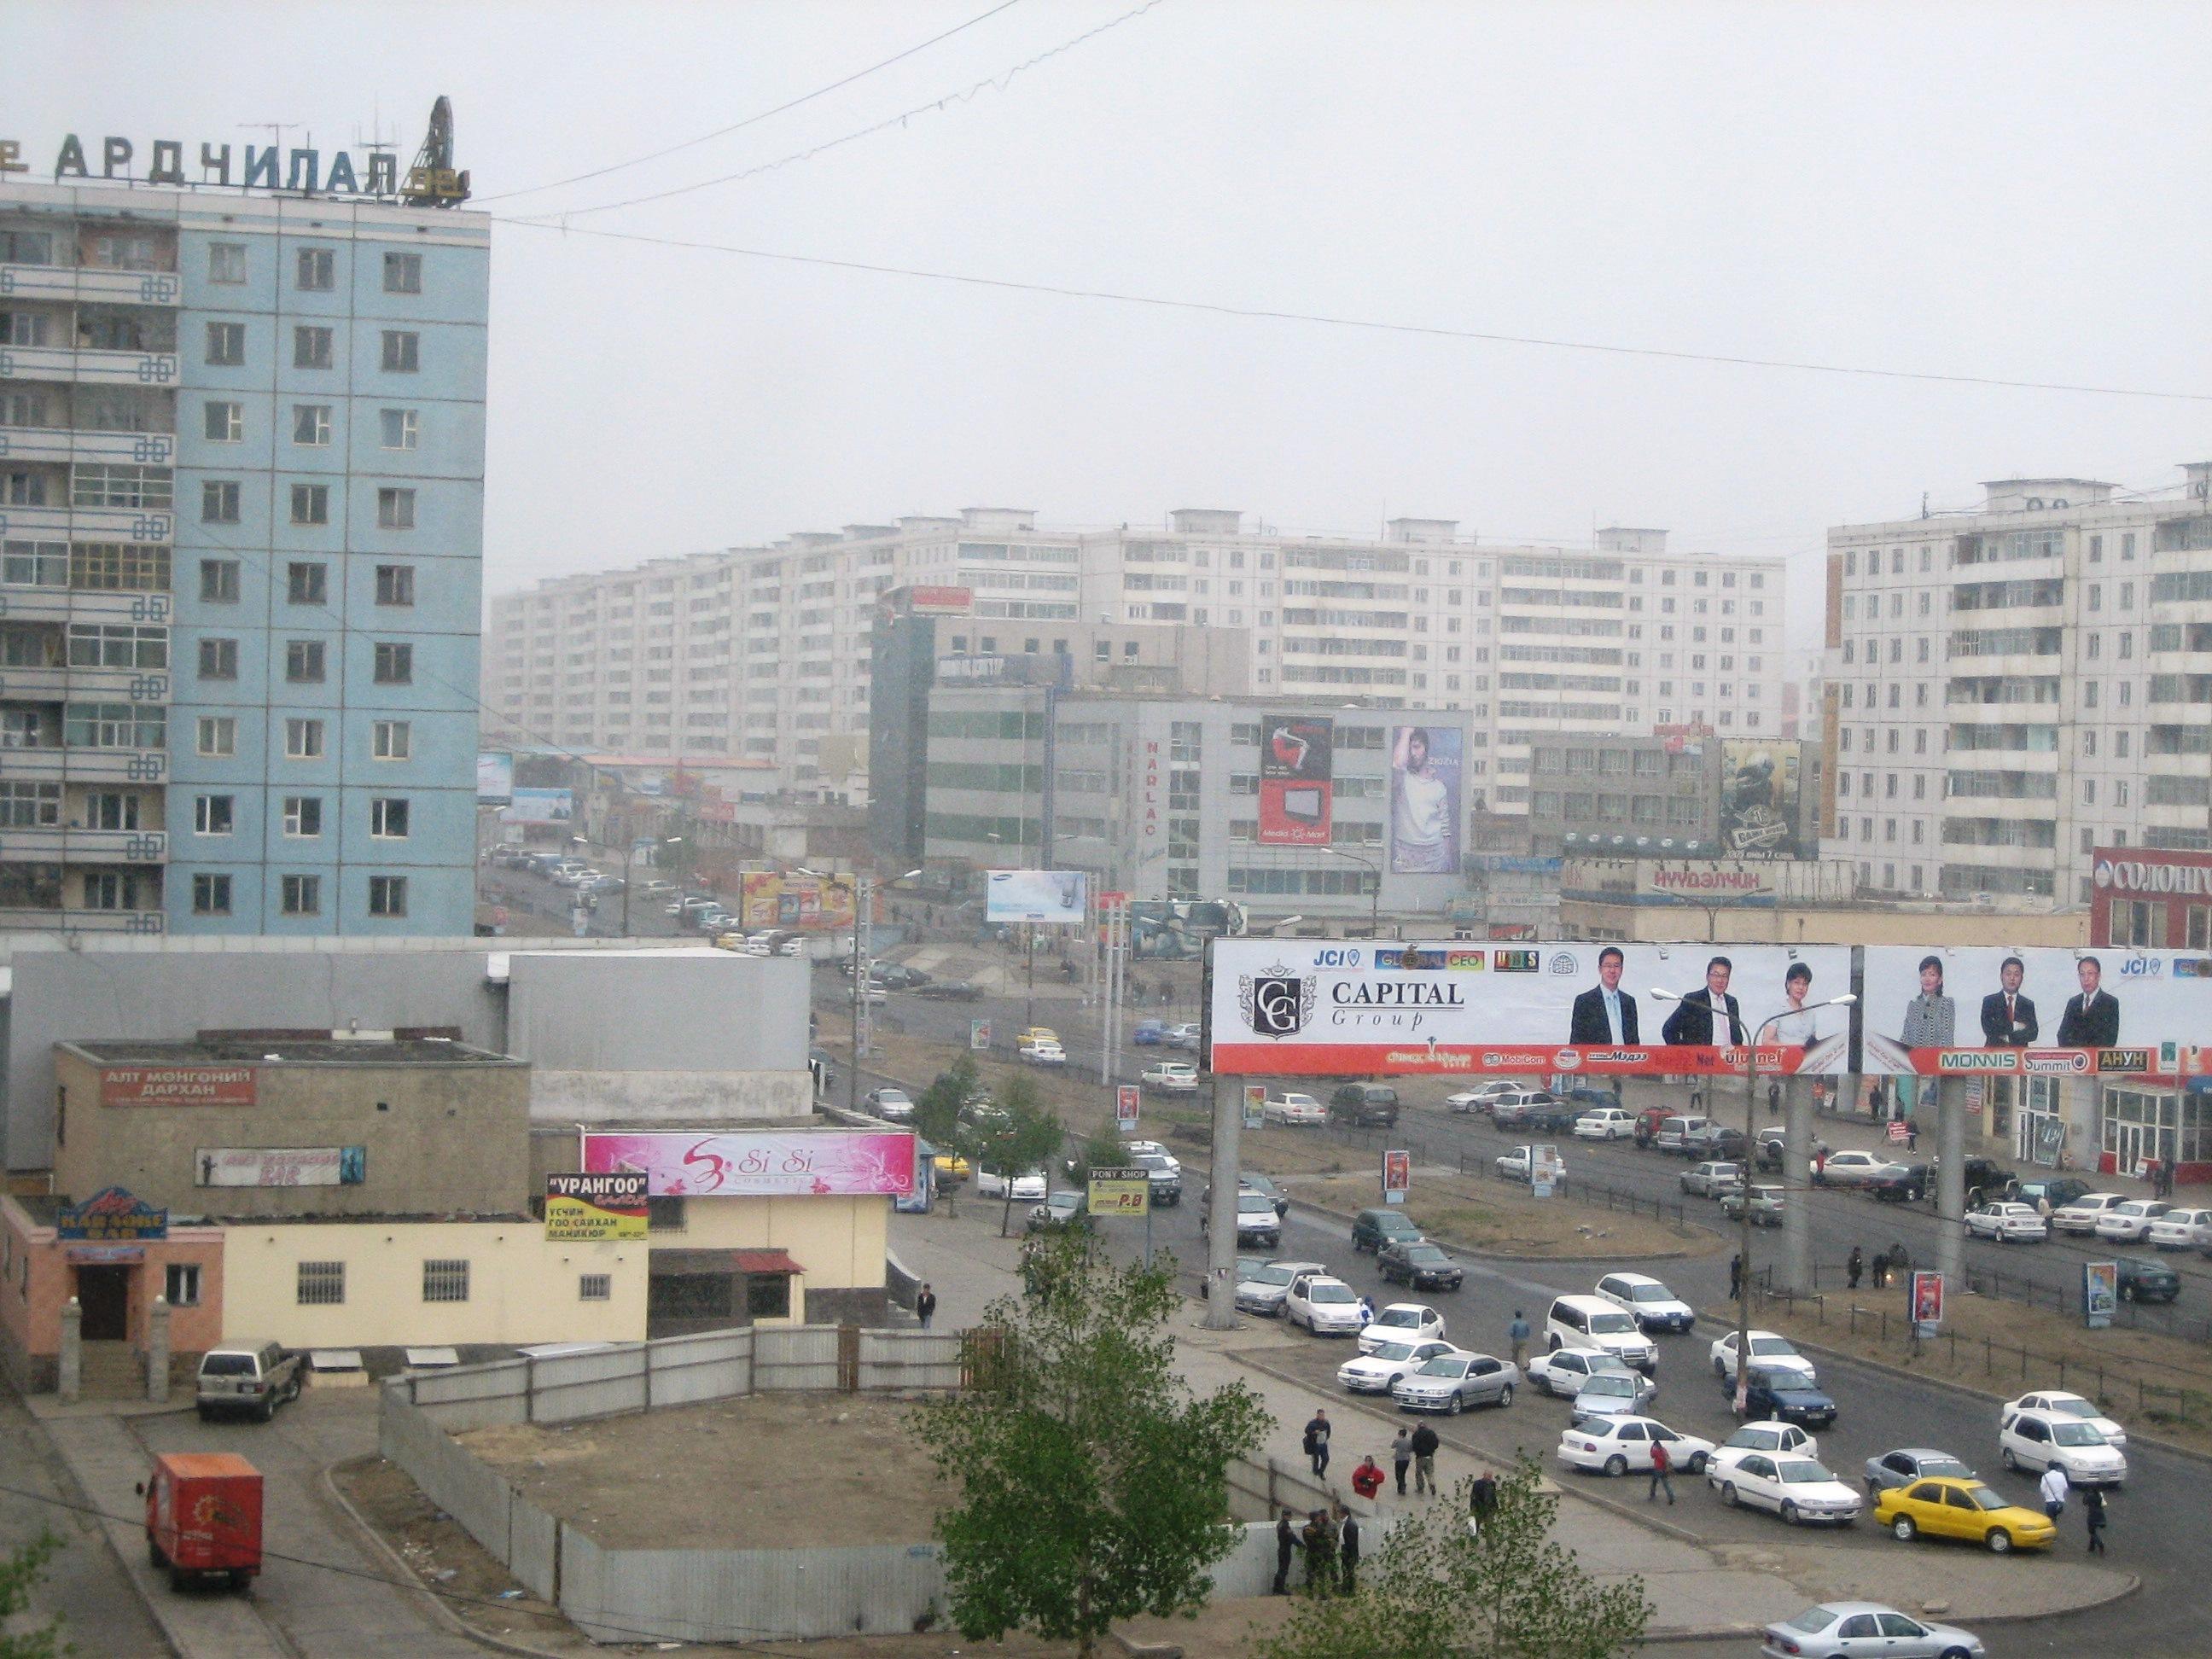 Ulaanbaatar Bayangol.JPG